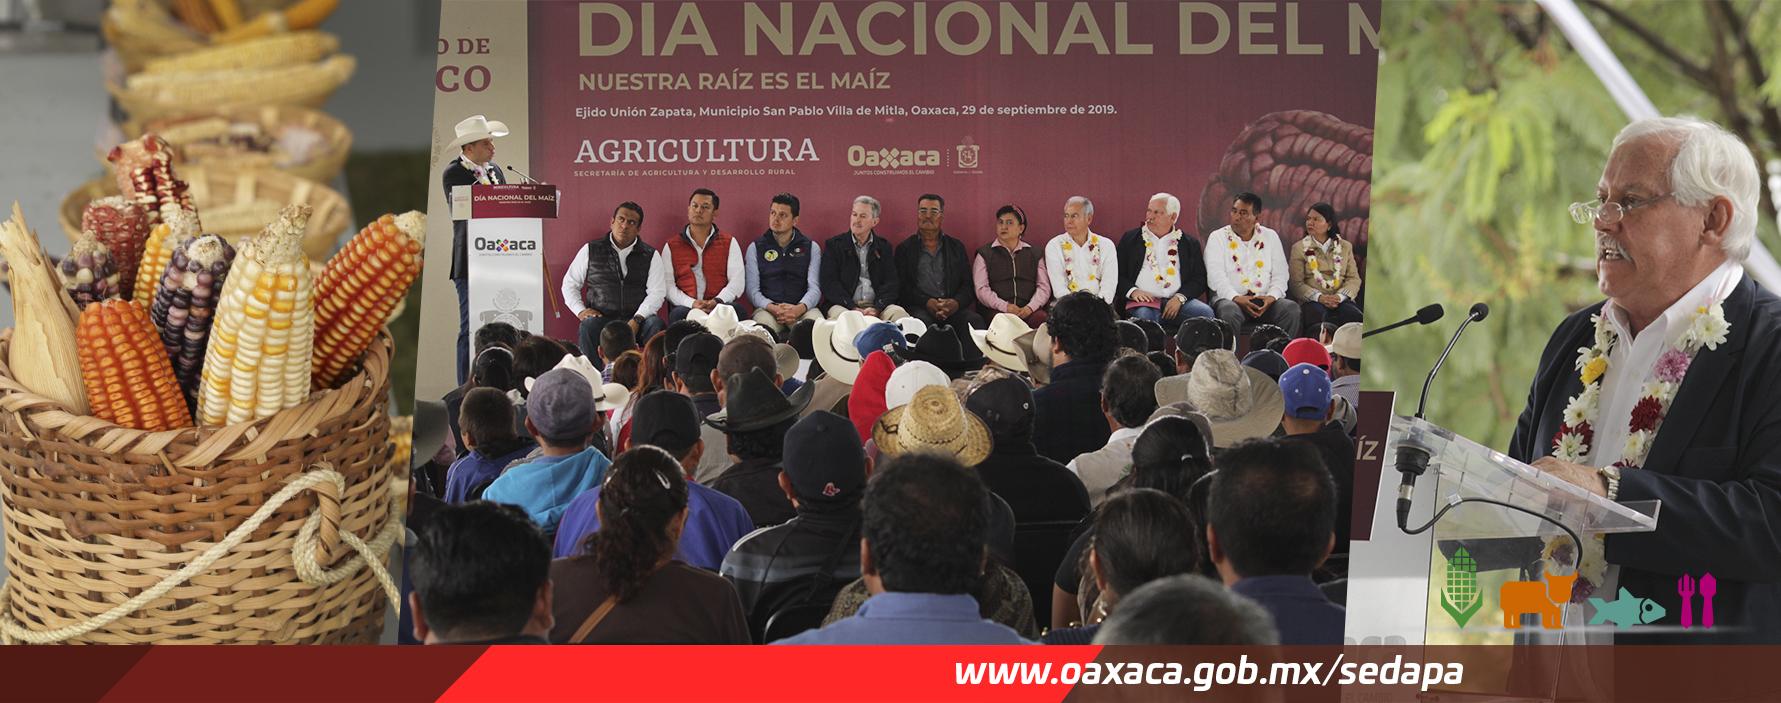 Gobierno de Oaxaca refrenda compromiso con el rescate y el crecimiento de la producción del maíz oaxaqueño